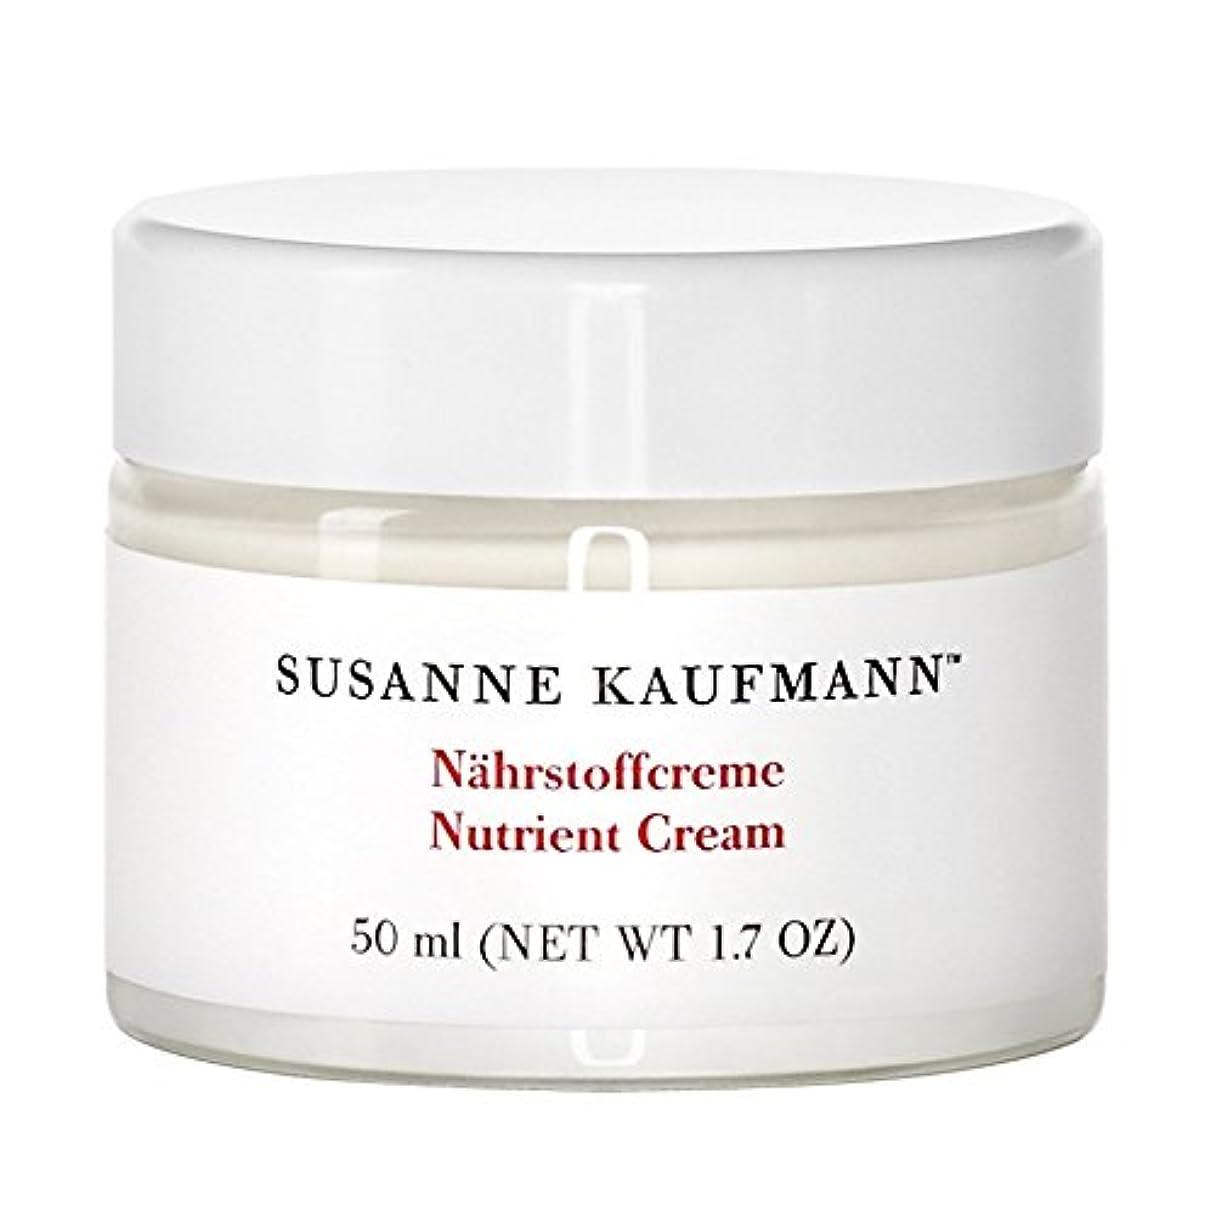 抜粋楽観的熱意Susanne Kaufmann Nutrient Cream 50ml - スザンヌカウフマン栄養クリーム50 [並行輸入品]